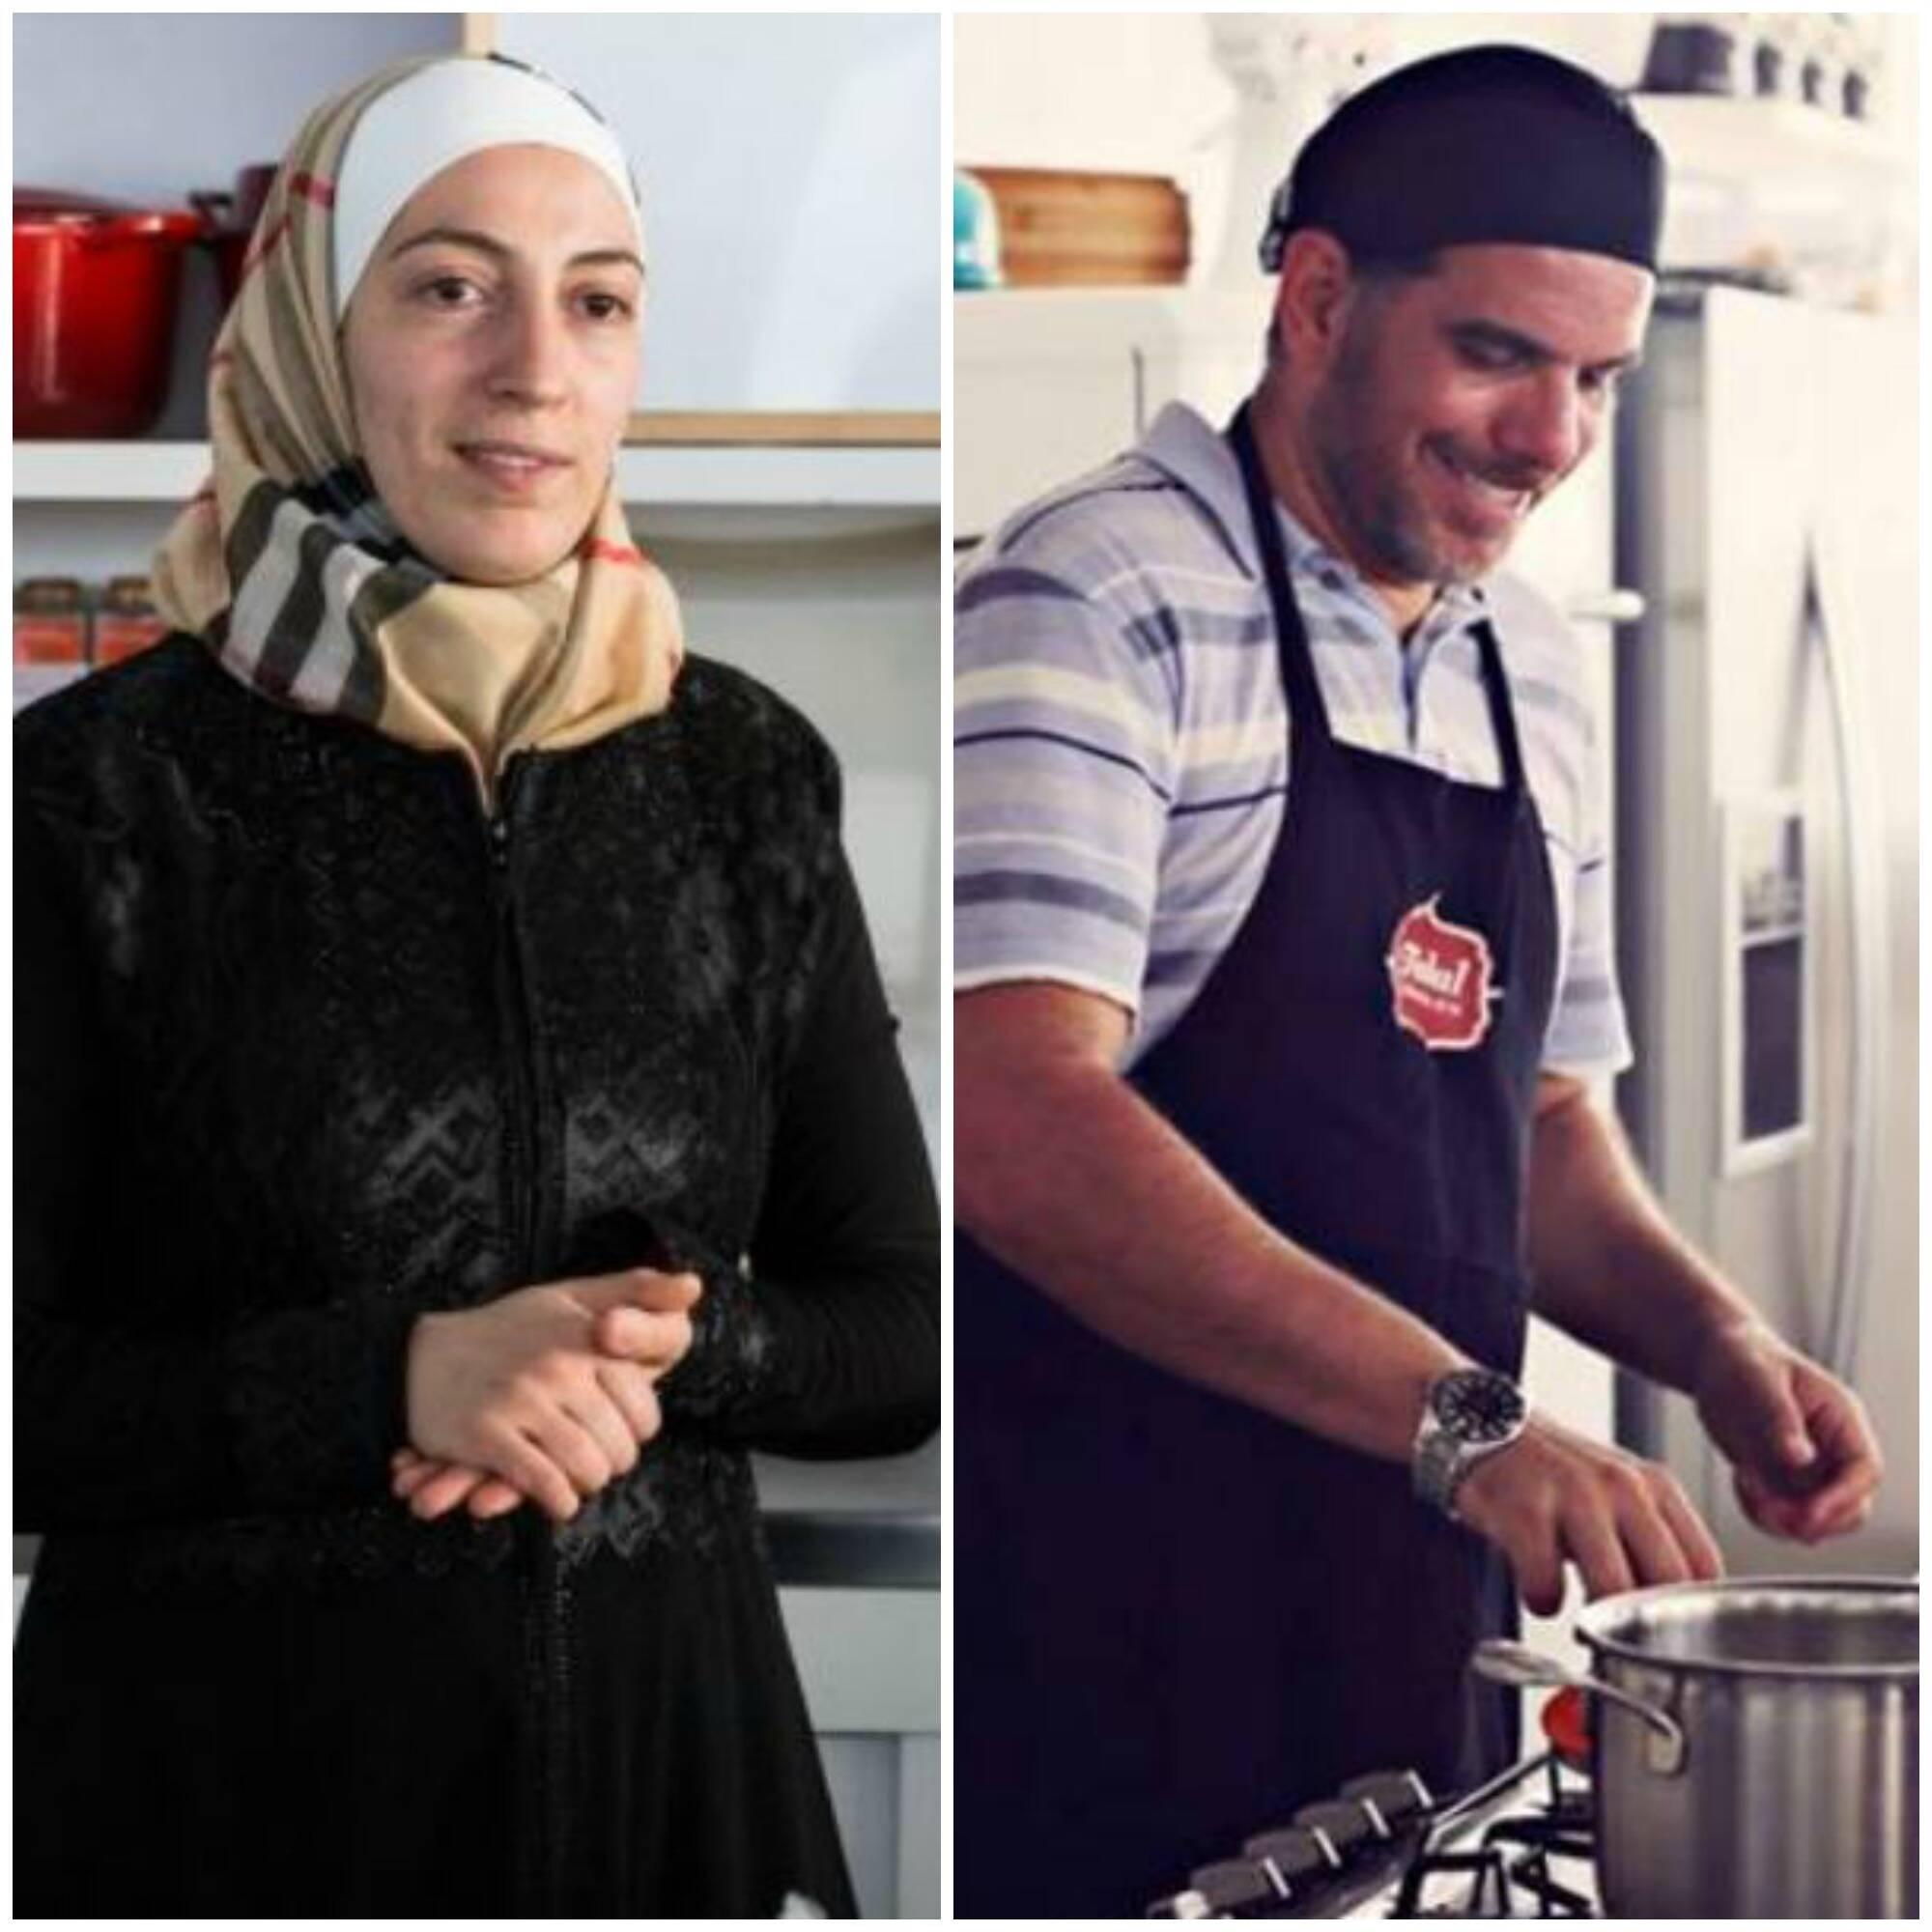 Talal Al-Tinawi e Ghazal Baranbo: o casal de refugiados sírios está no comando da cozinha do Reffetorio, nesta segunda (05/09) / Fotos: Ilana Goldsmid